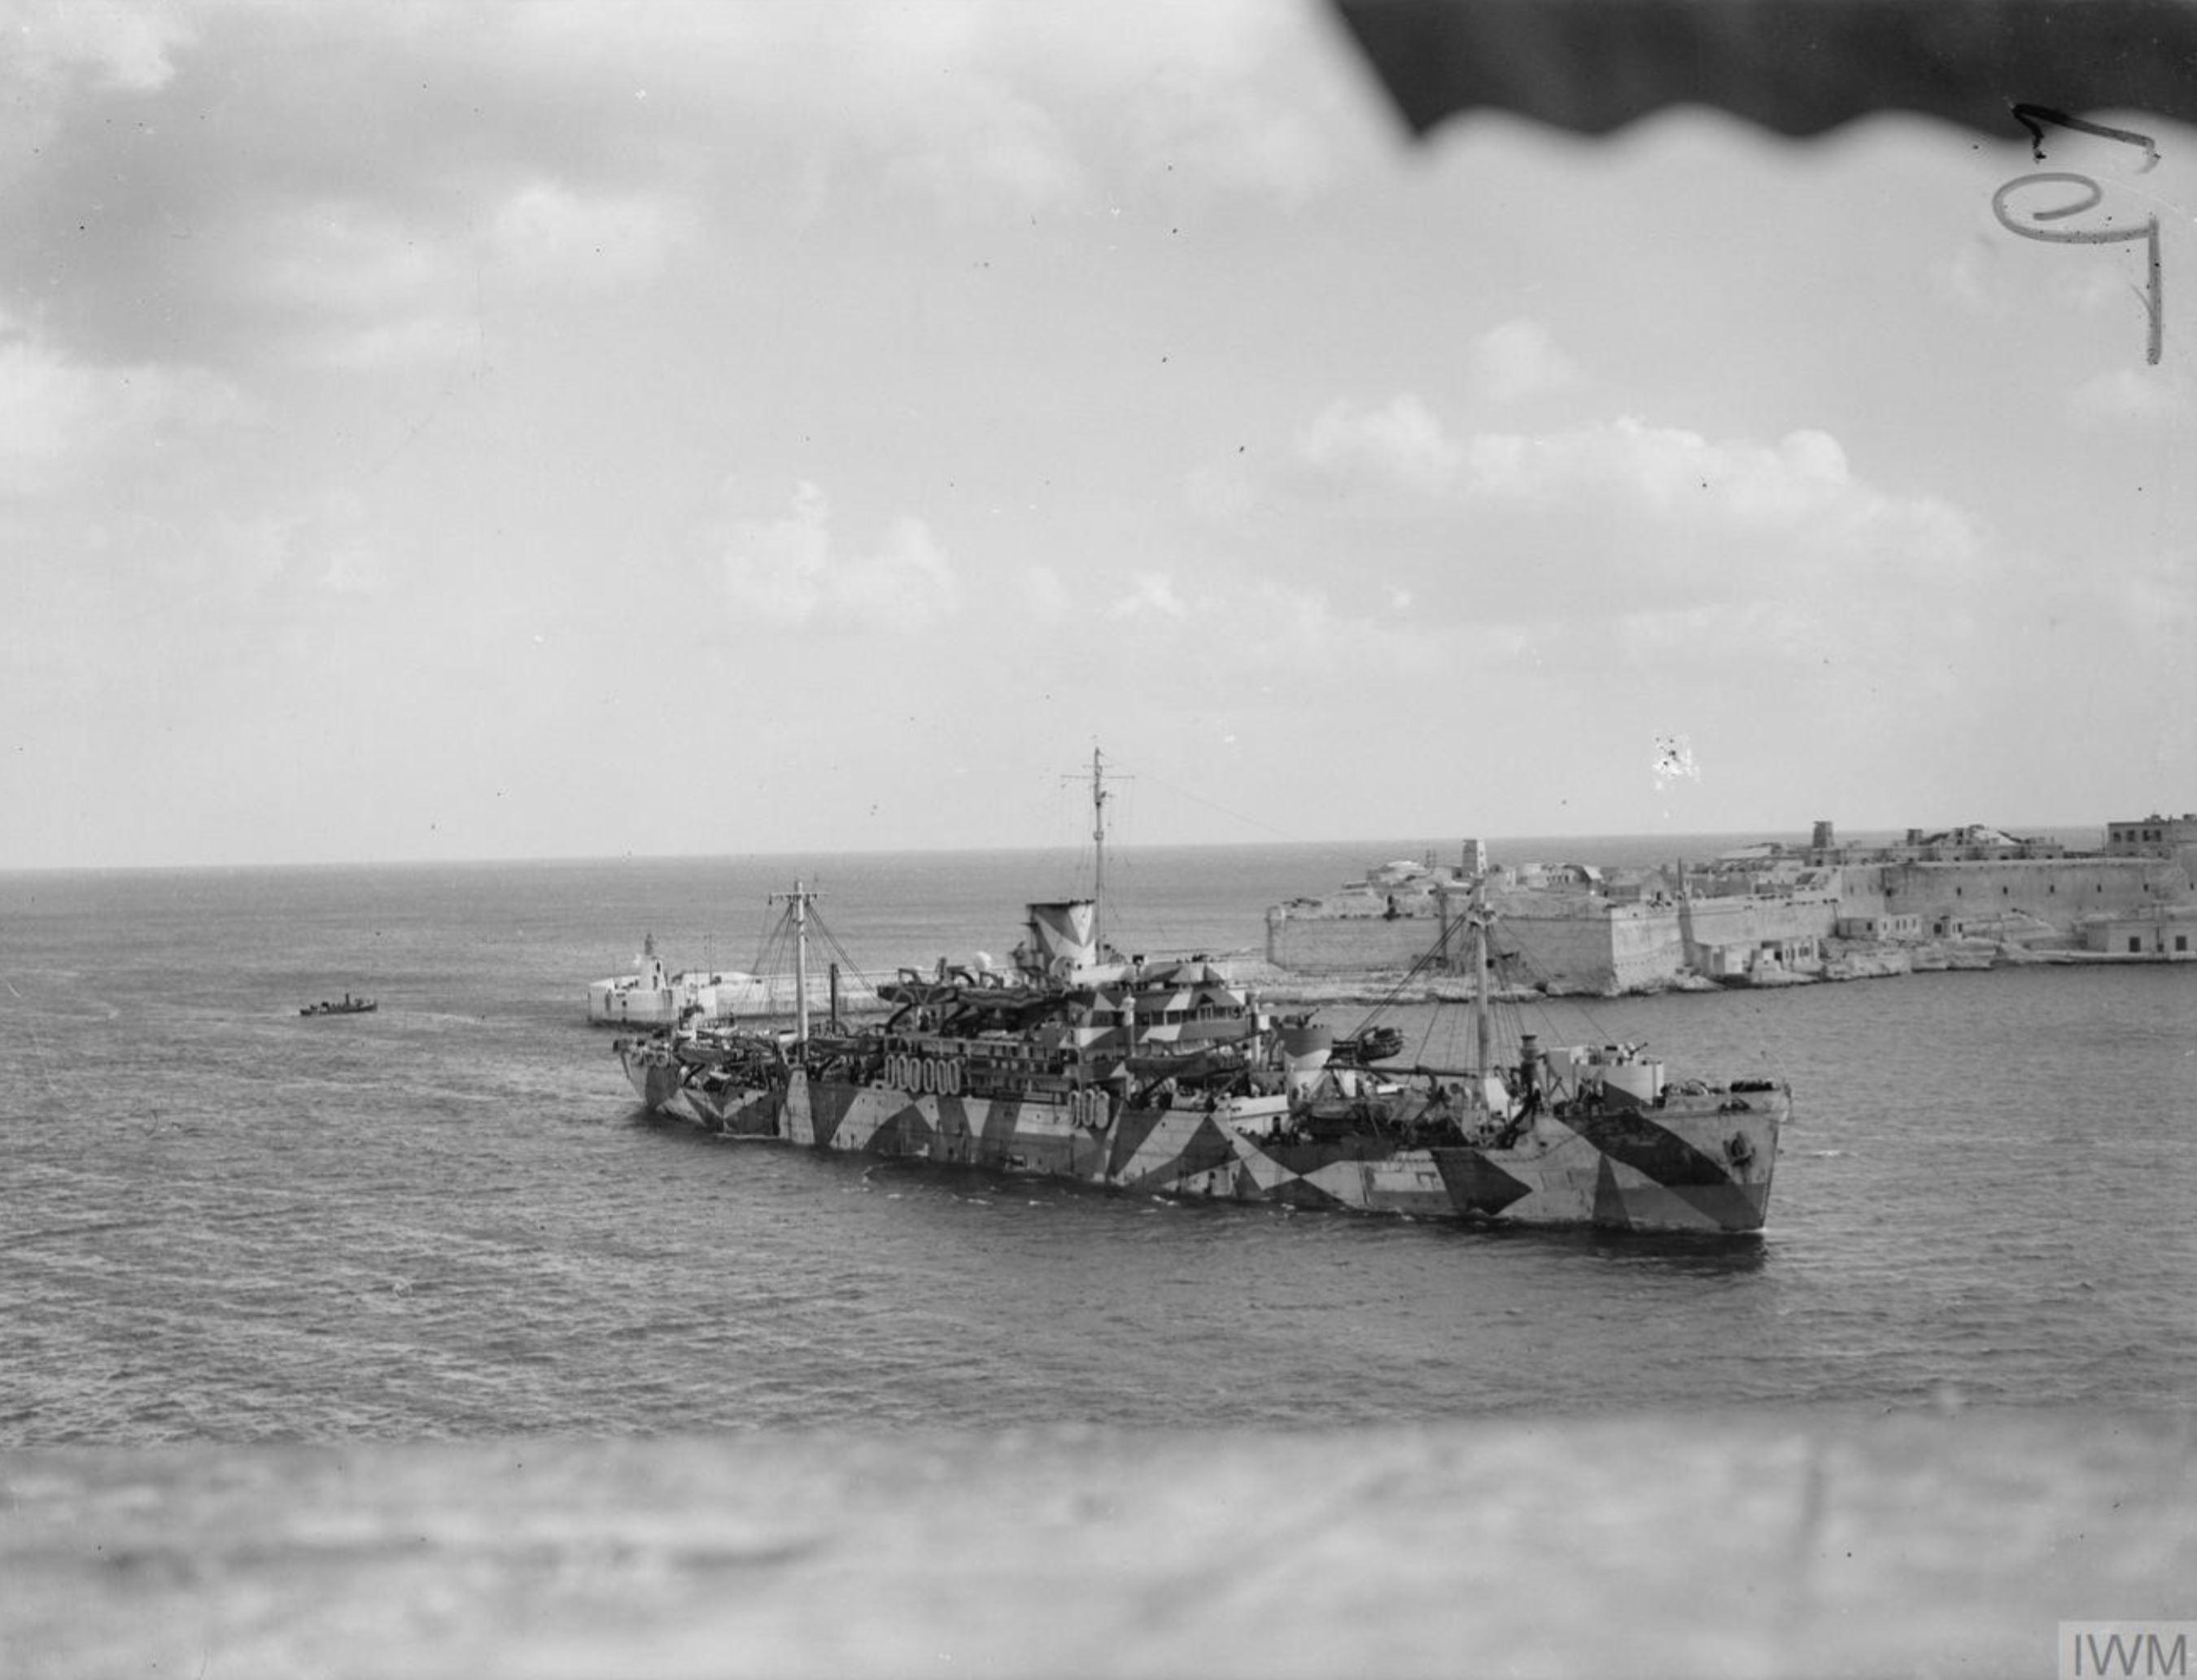 British Merchantman Glengyle entering grand harbour Valletta Malta 8th Jan 1942 IWM A7270